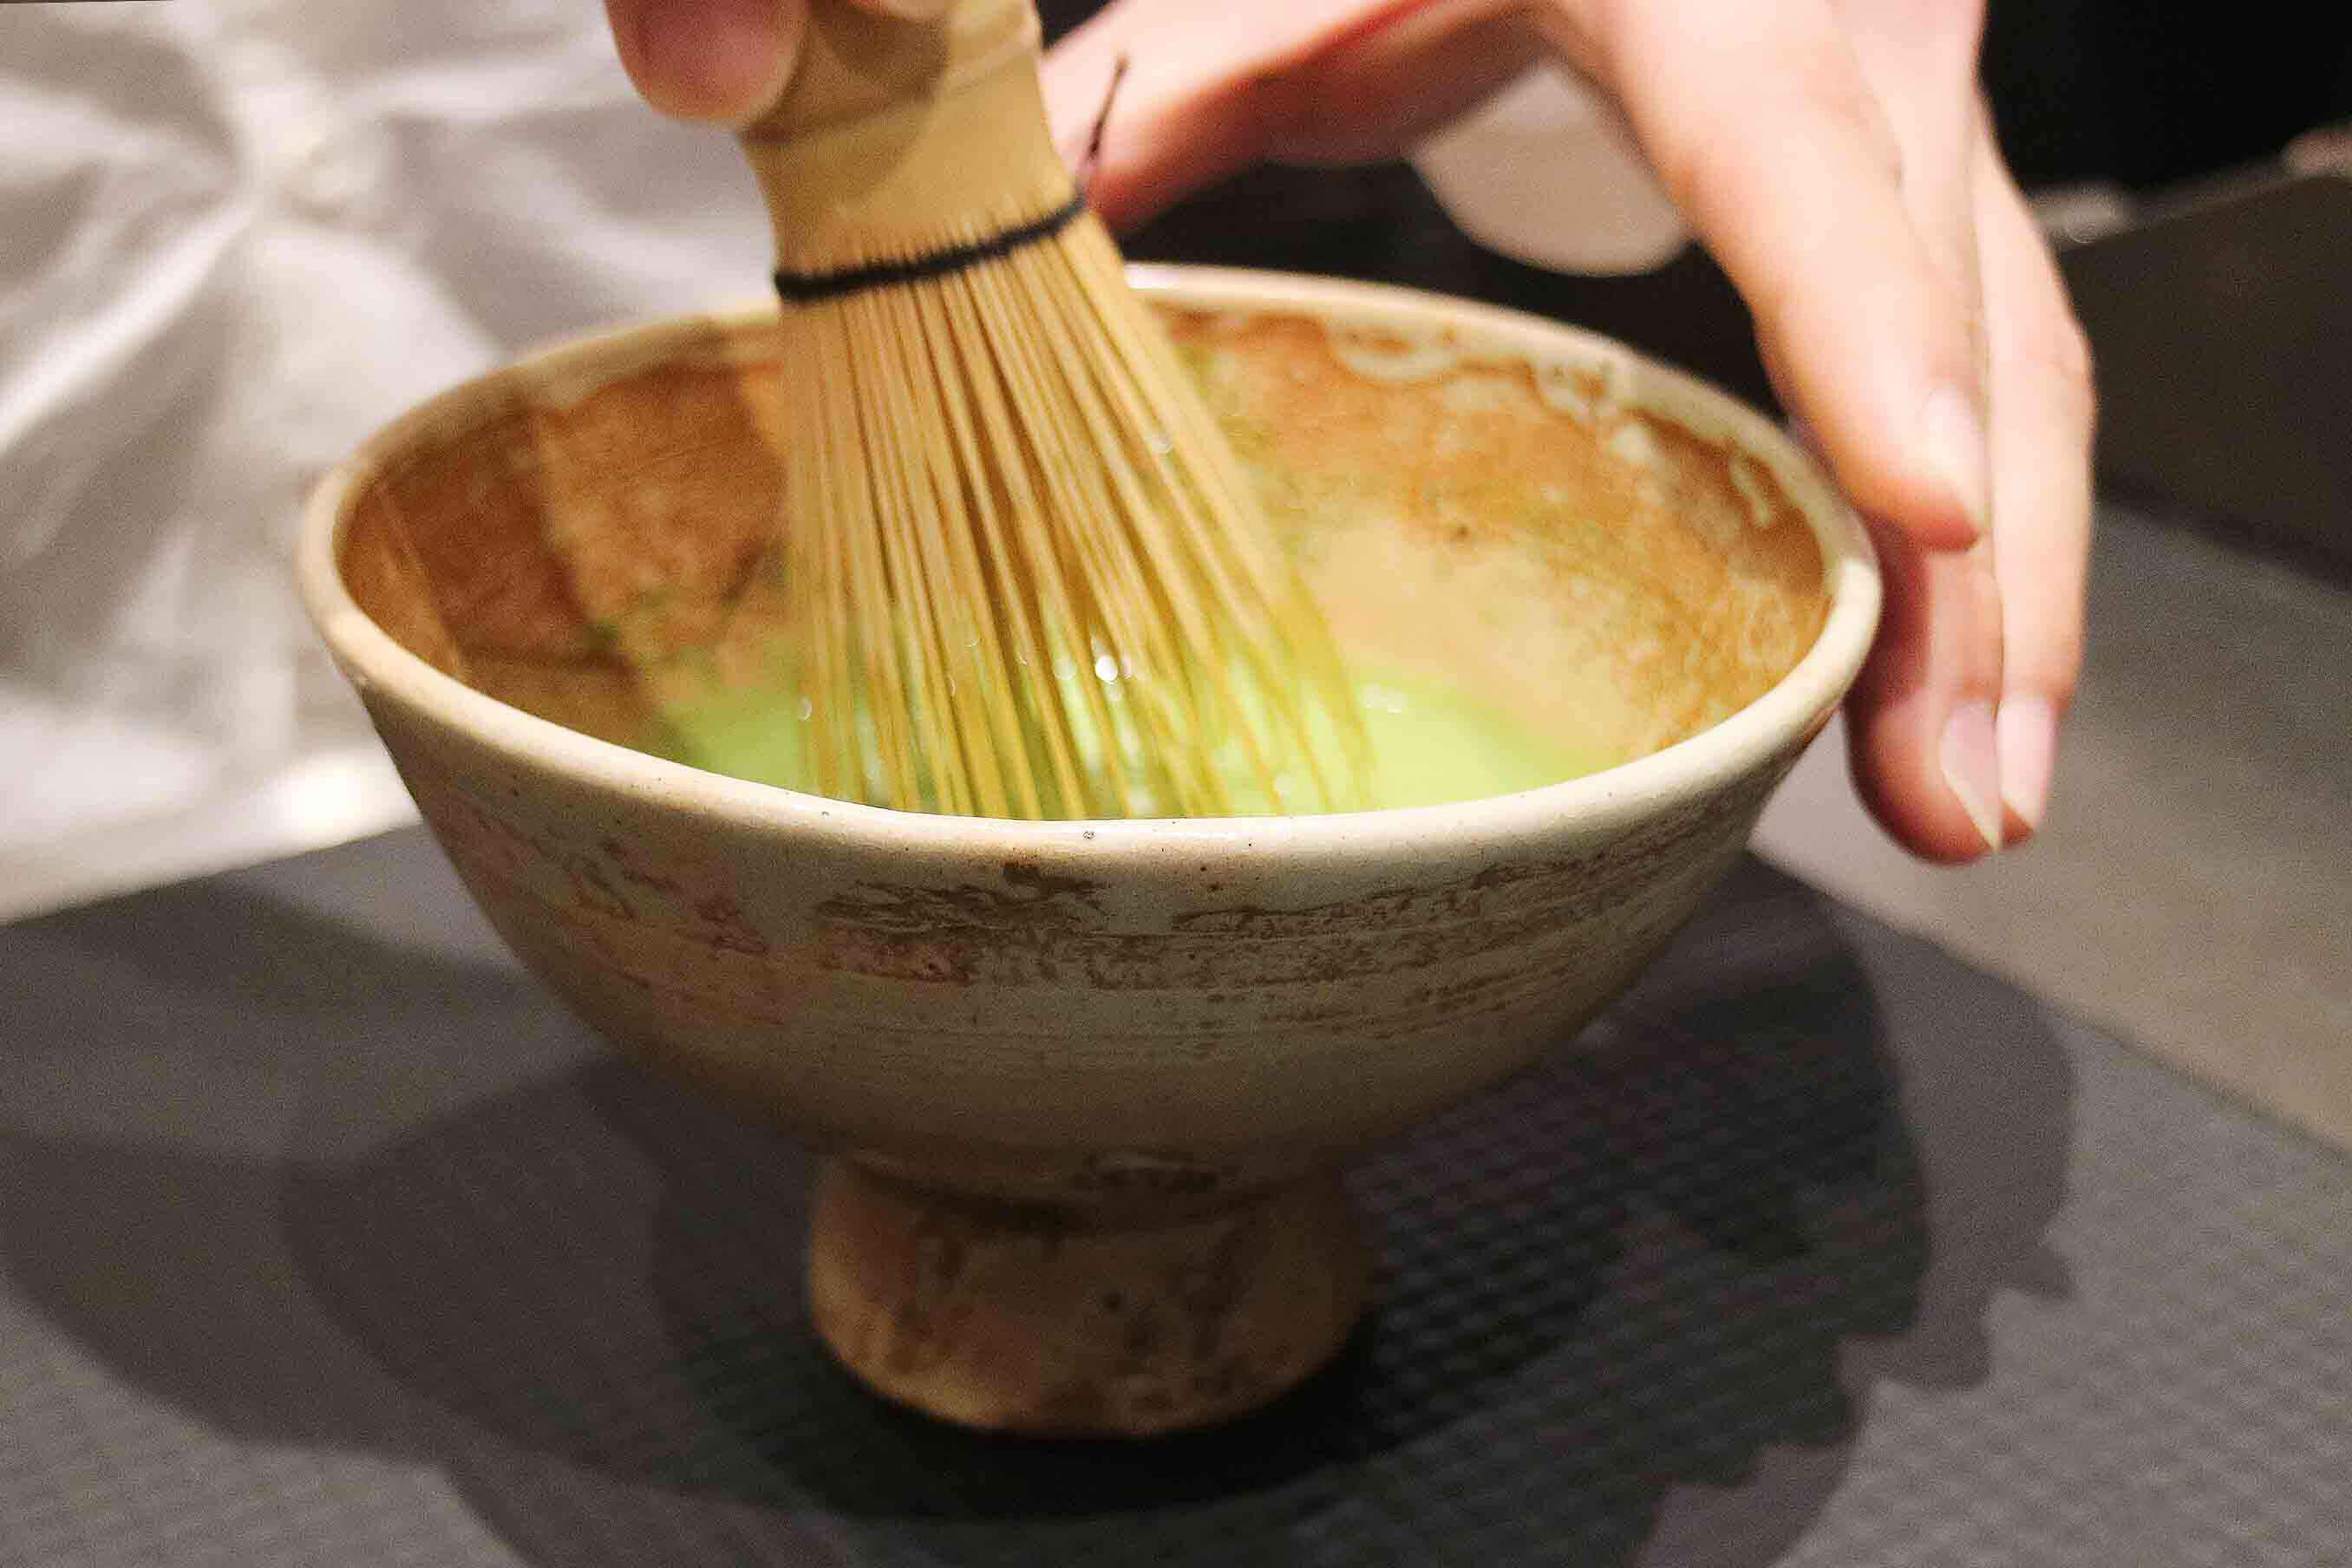 憧れの茶碗の手触りだけでなく、口あたりも鑑賞できる贅沢